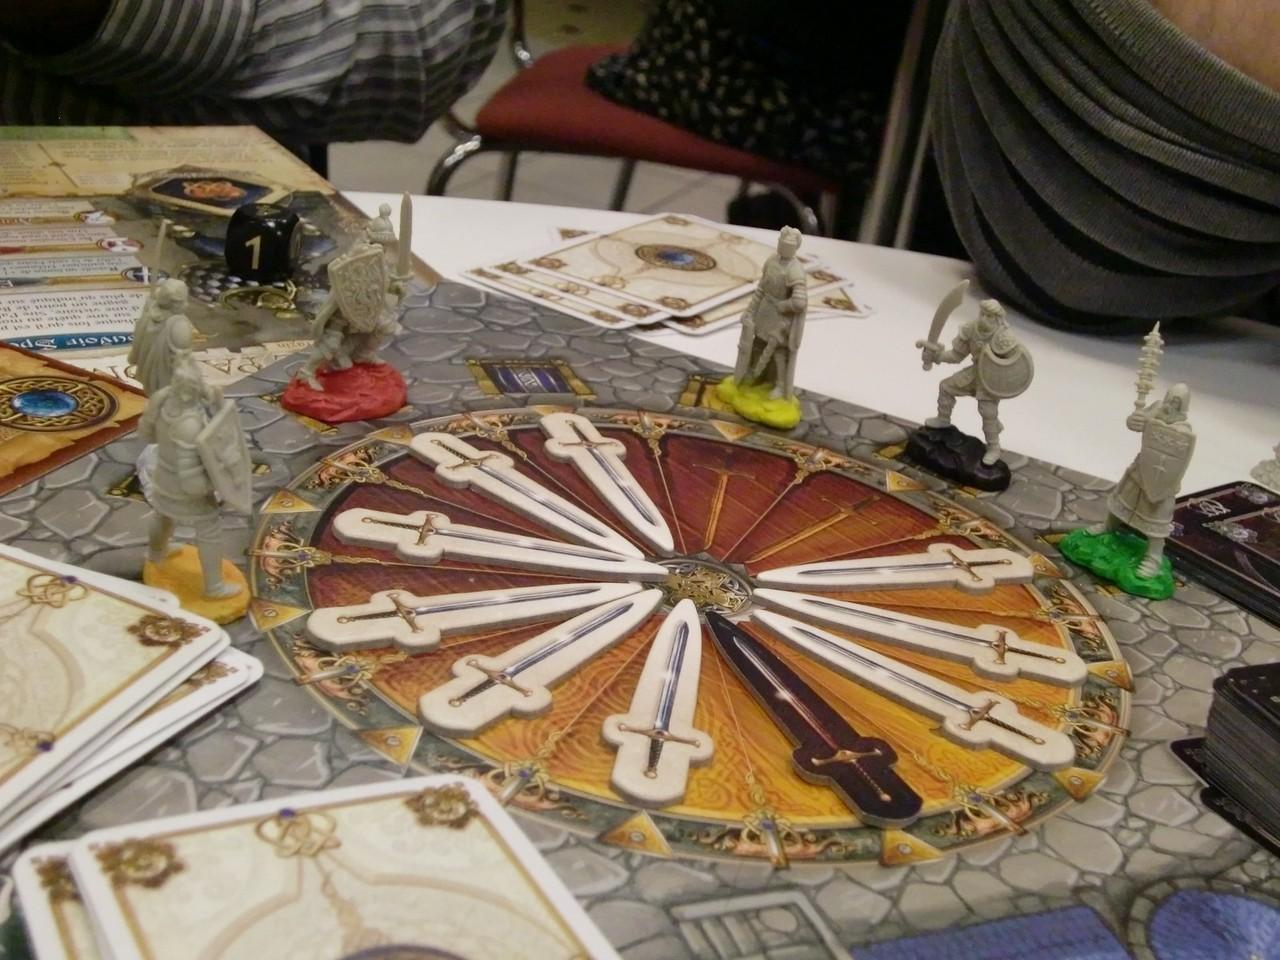 la victoire (nette) approchant, les chevaliers se réunissent autour de la table ronde